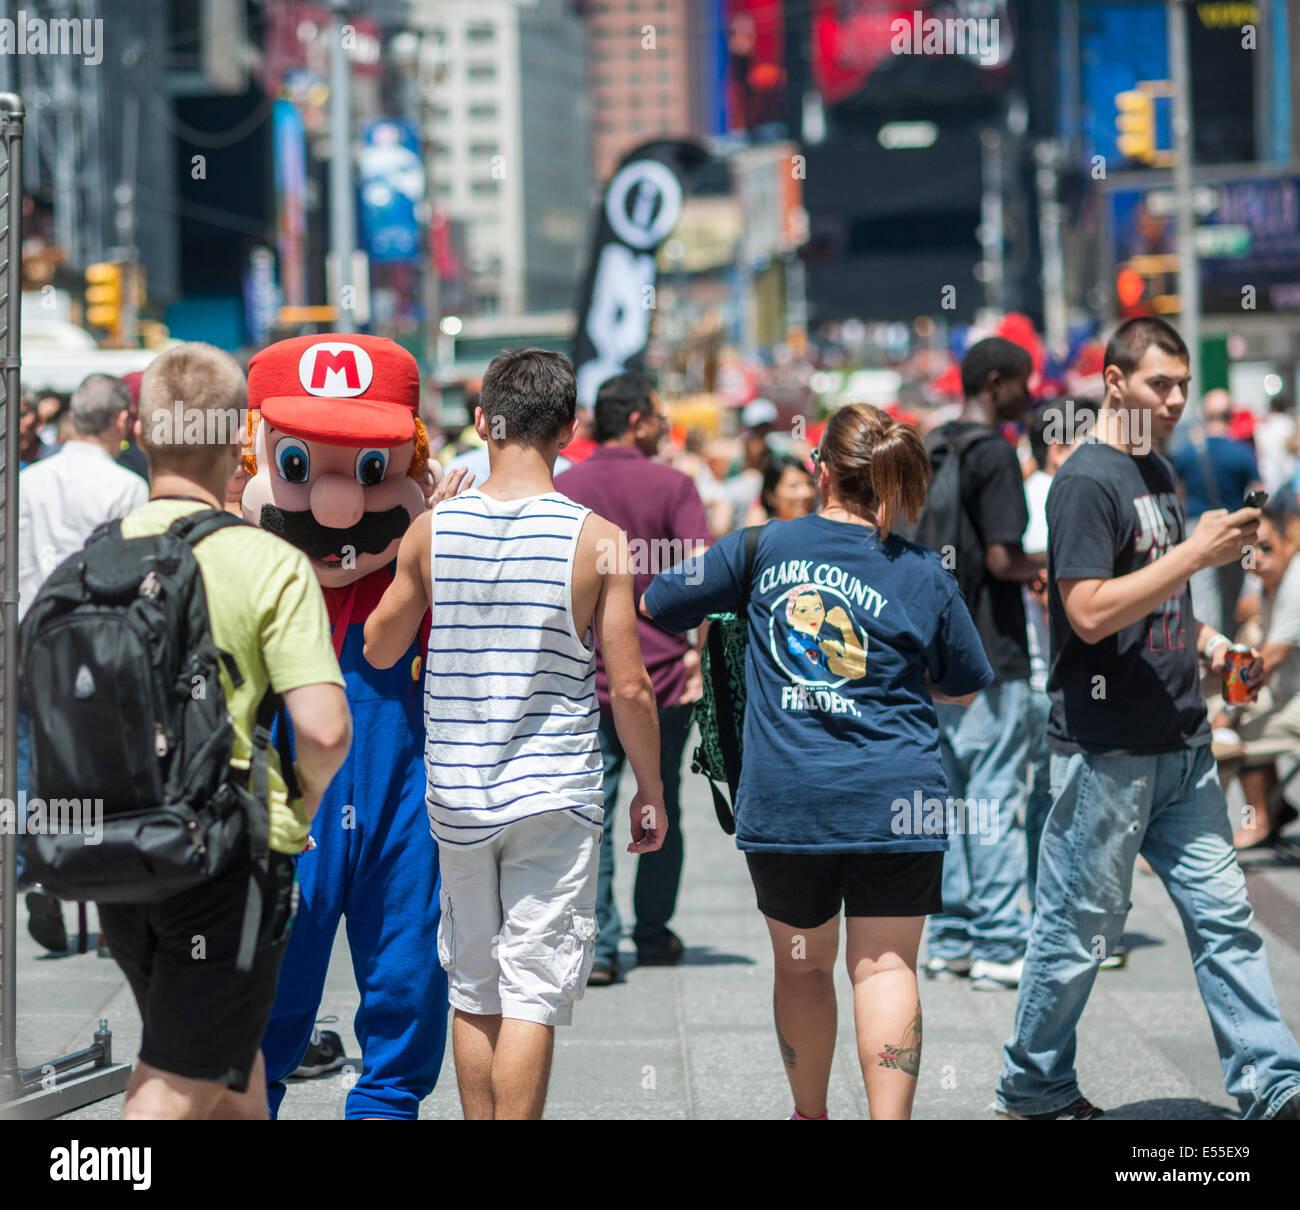 Super Mario bittet Touristen auf dem Times Square in New York auf Freitag, 18. Juli 2014. Stockbild